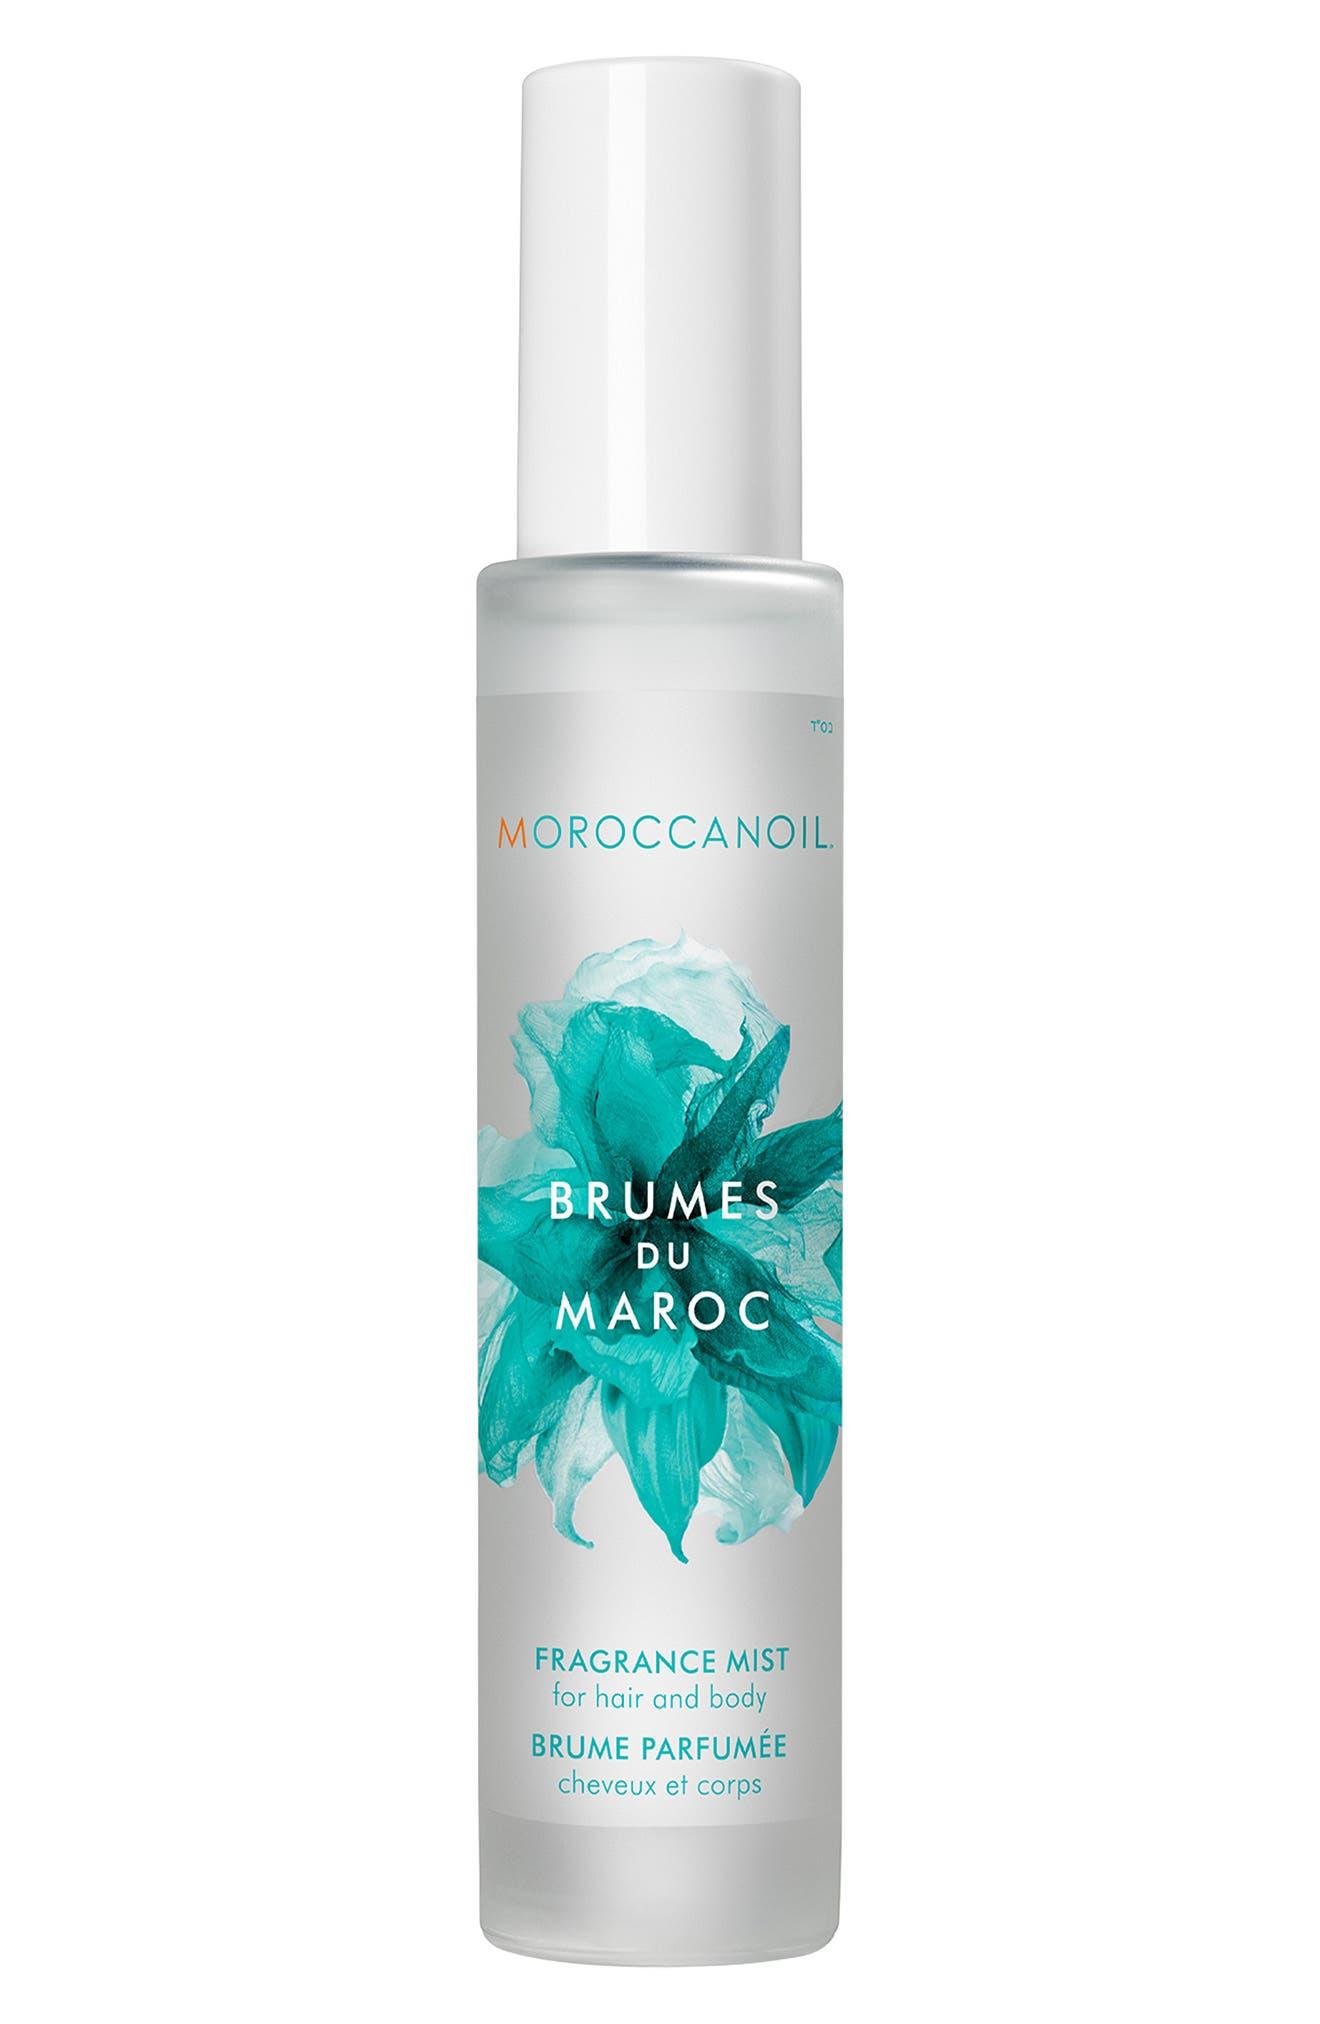 Moroccanoil Hair & Body Fragrance Mist